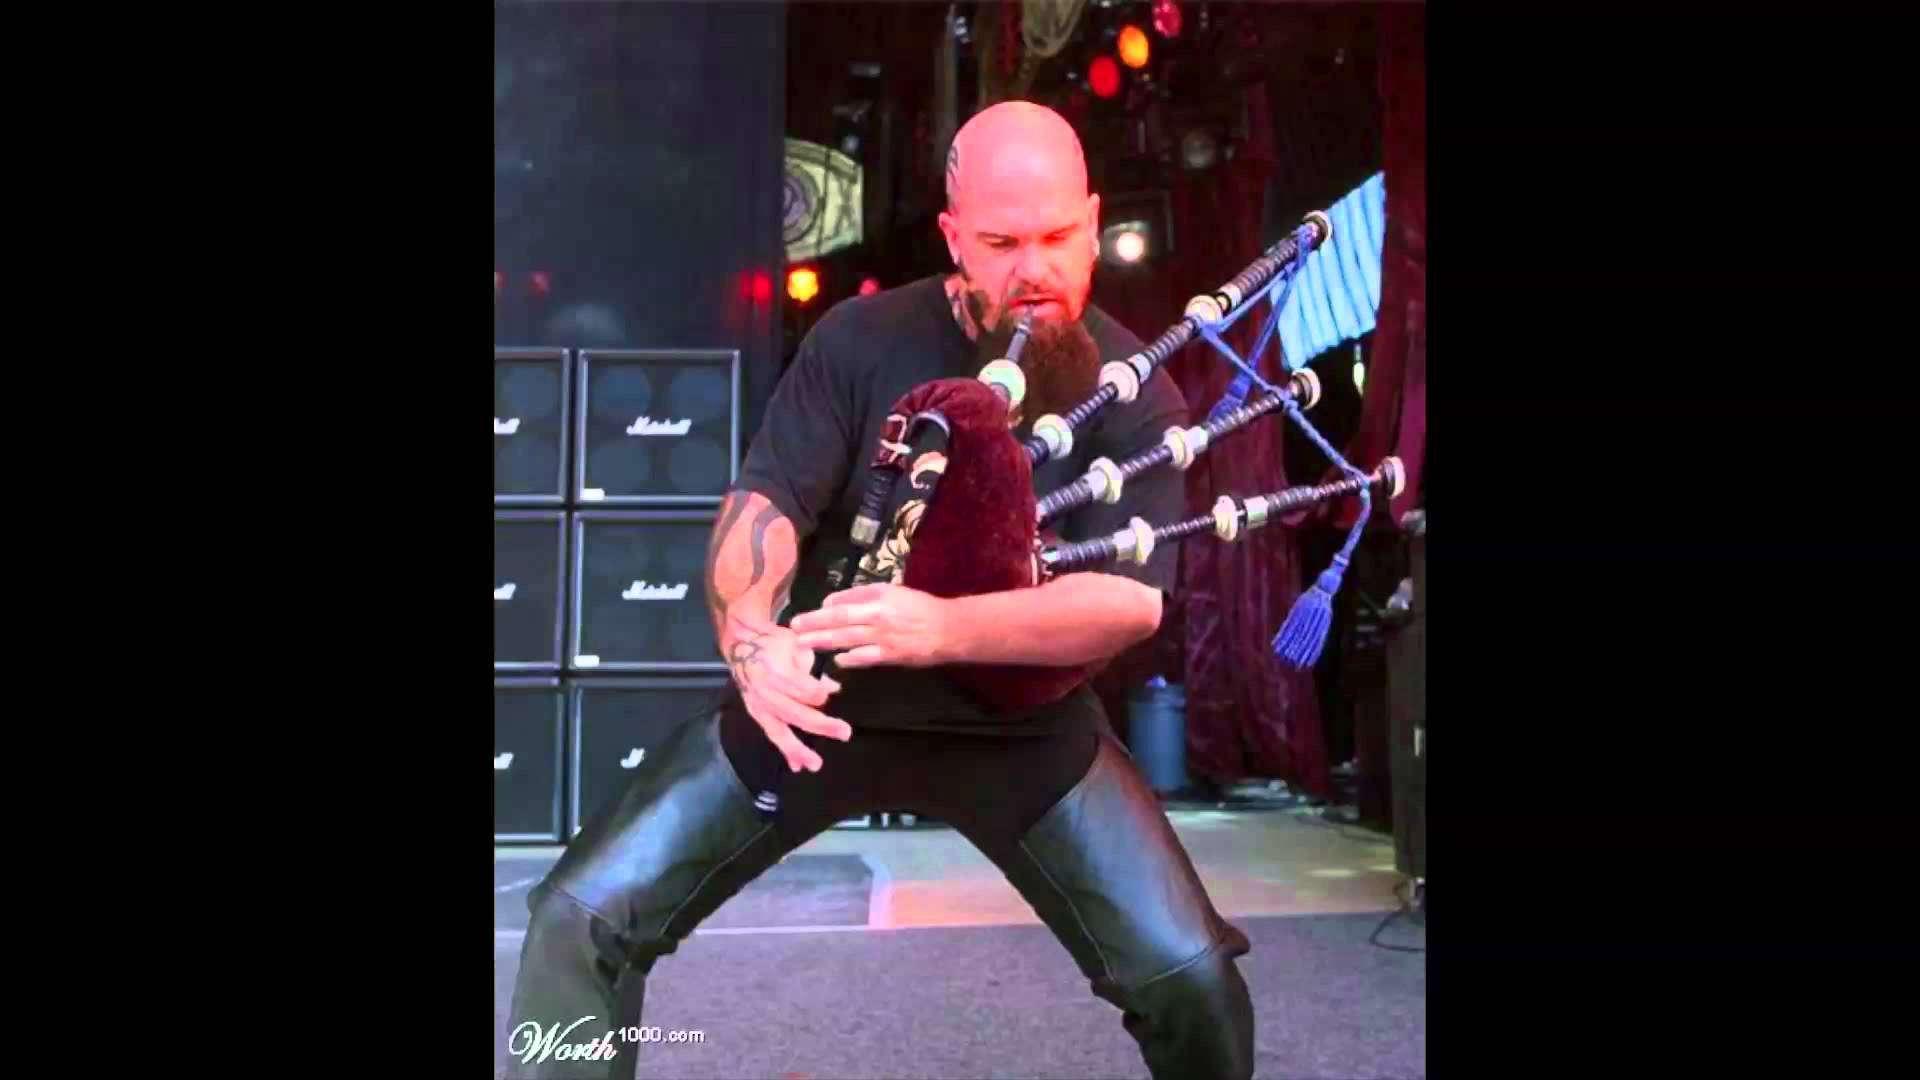 Slayer - Raining Bagpipes - YouTube